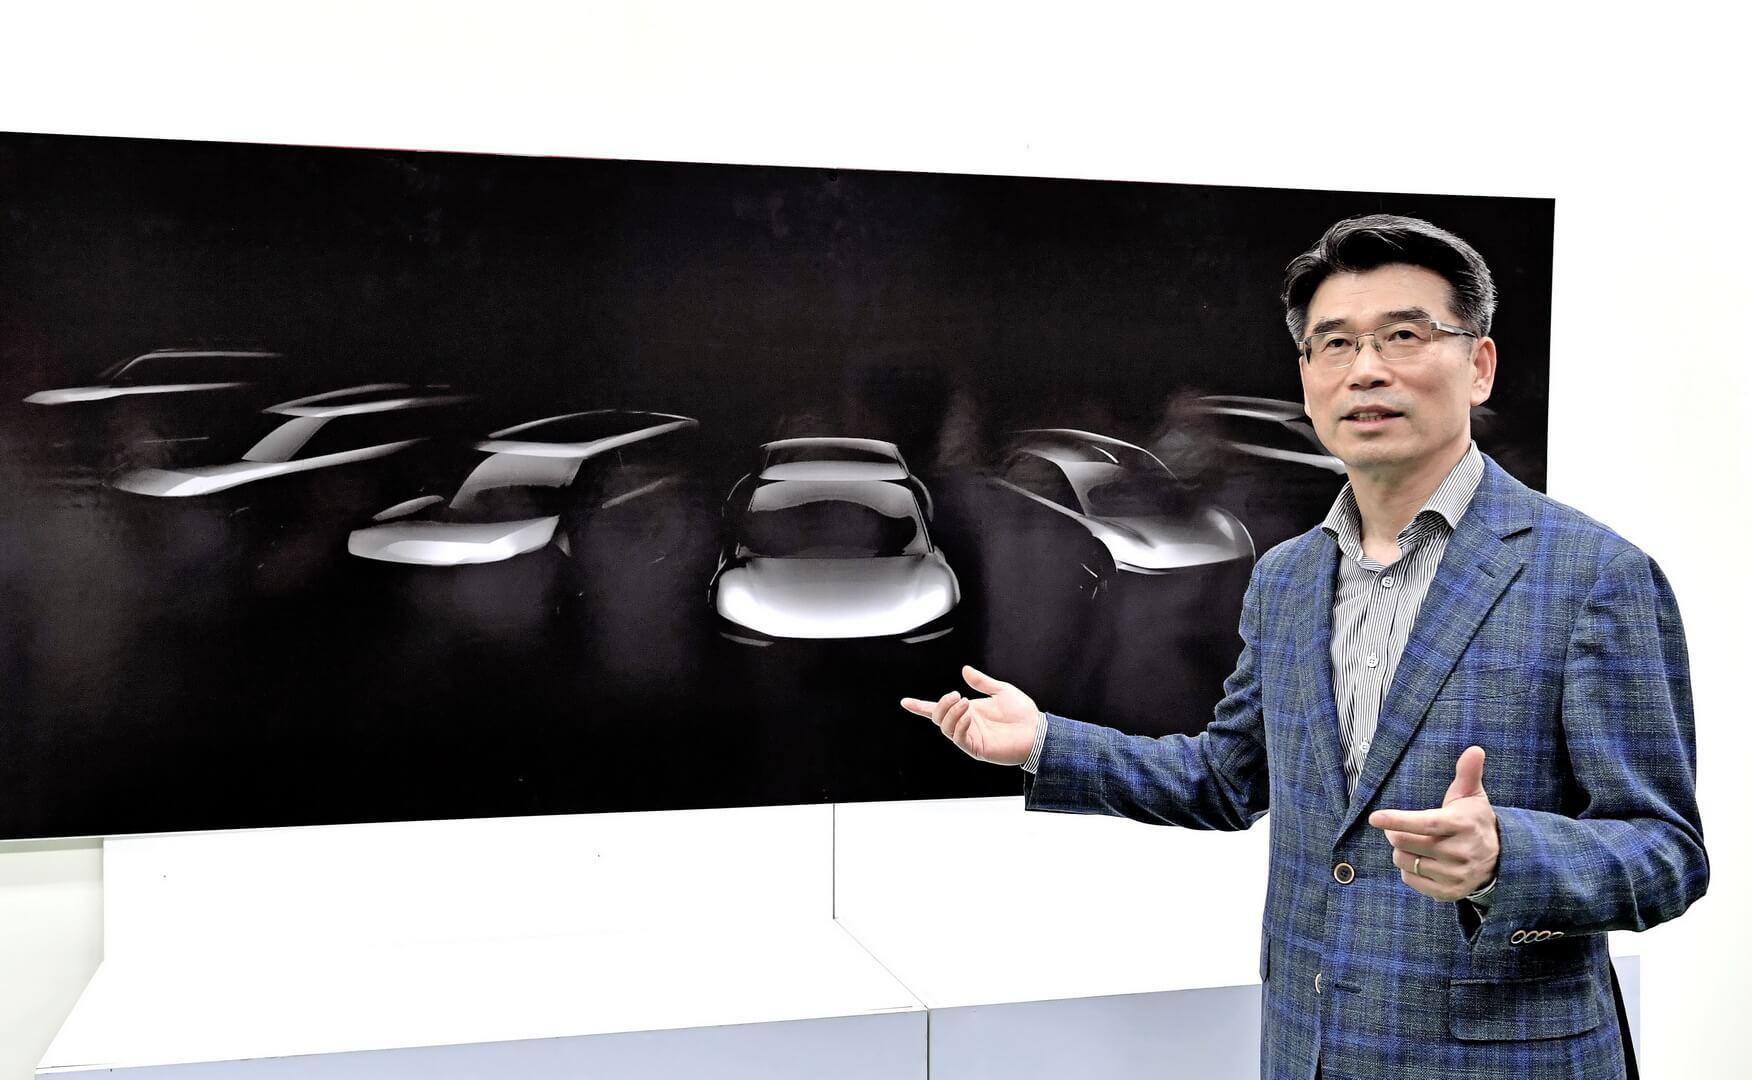 Семь новых специализированных электромобилей будут выпущены к 2027 году в нескольких сегментах